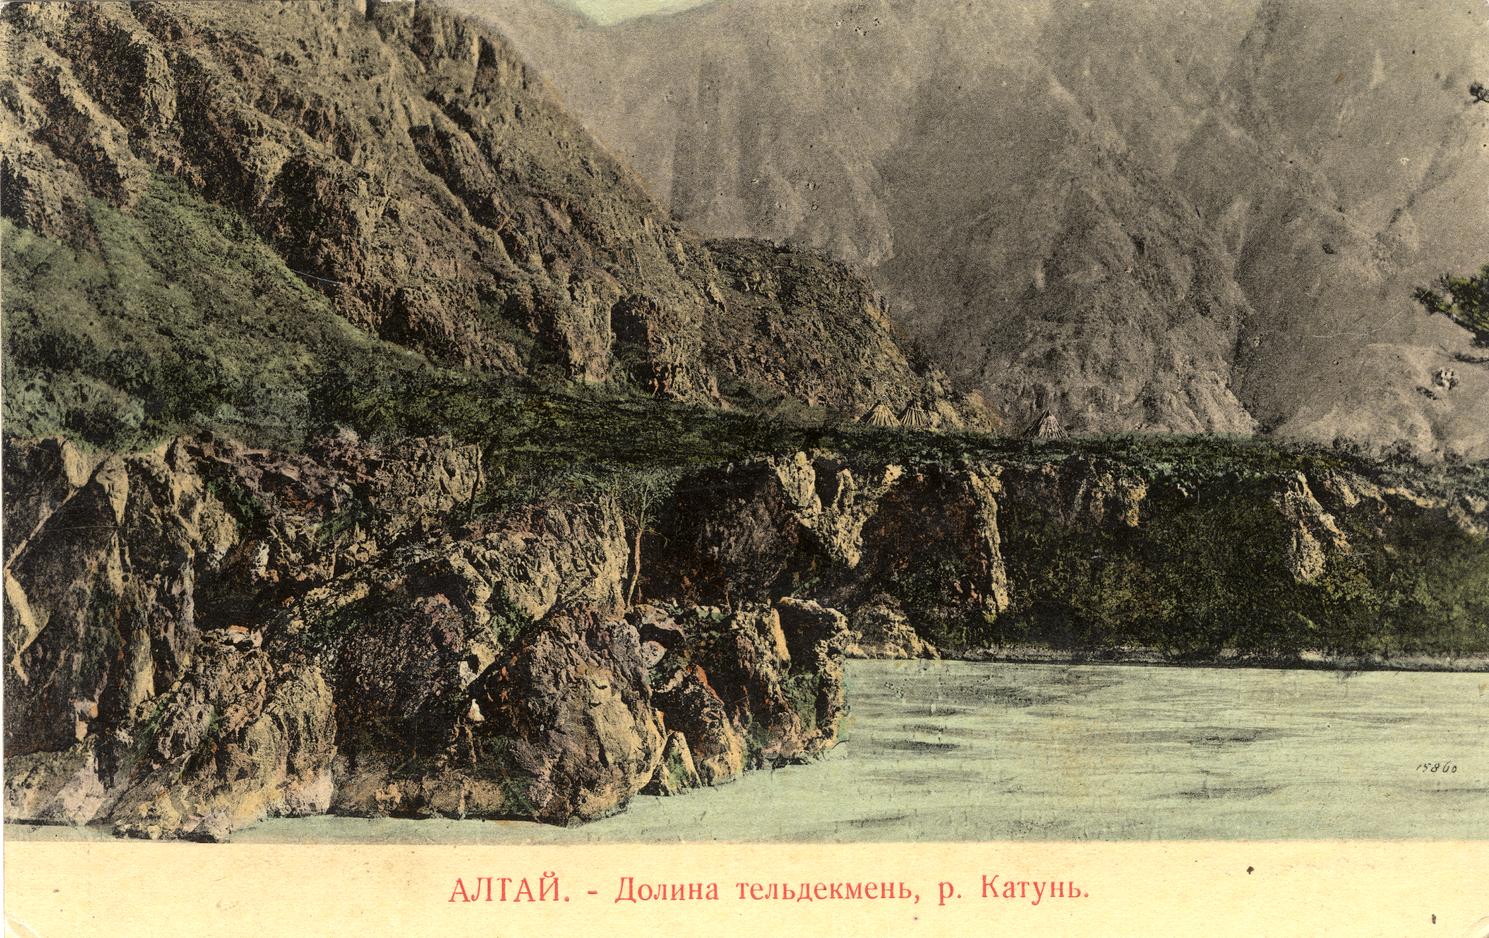 Долина реки Катунь в районе села Чемал. Порог Тель-декмень (Эджиганский порог)...